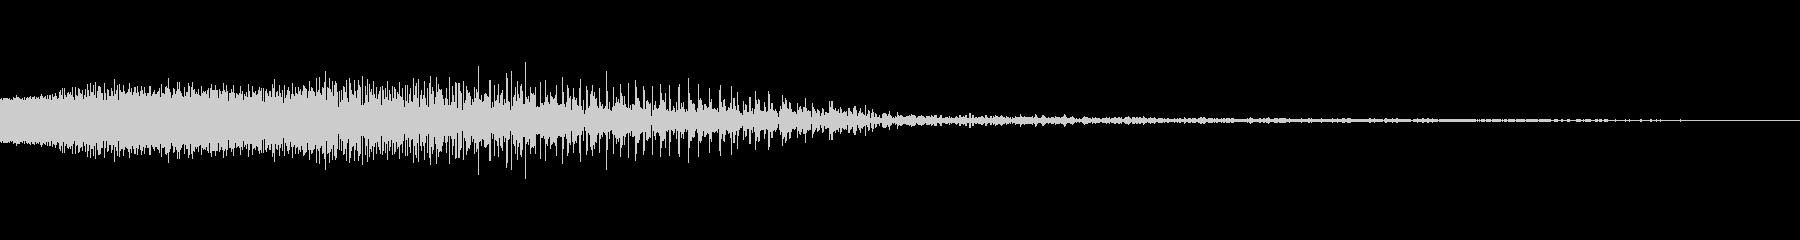 レーザー音の未再生の波形